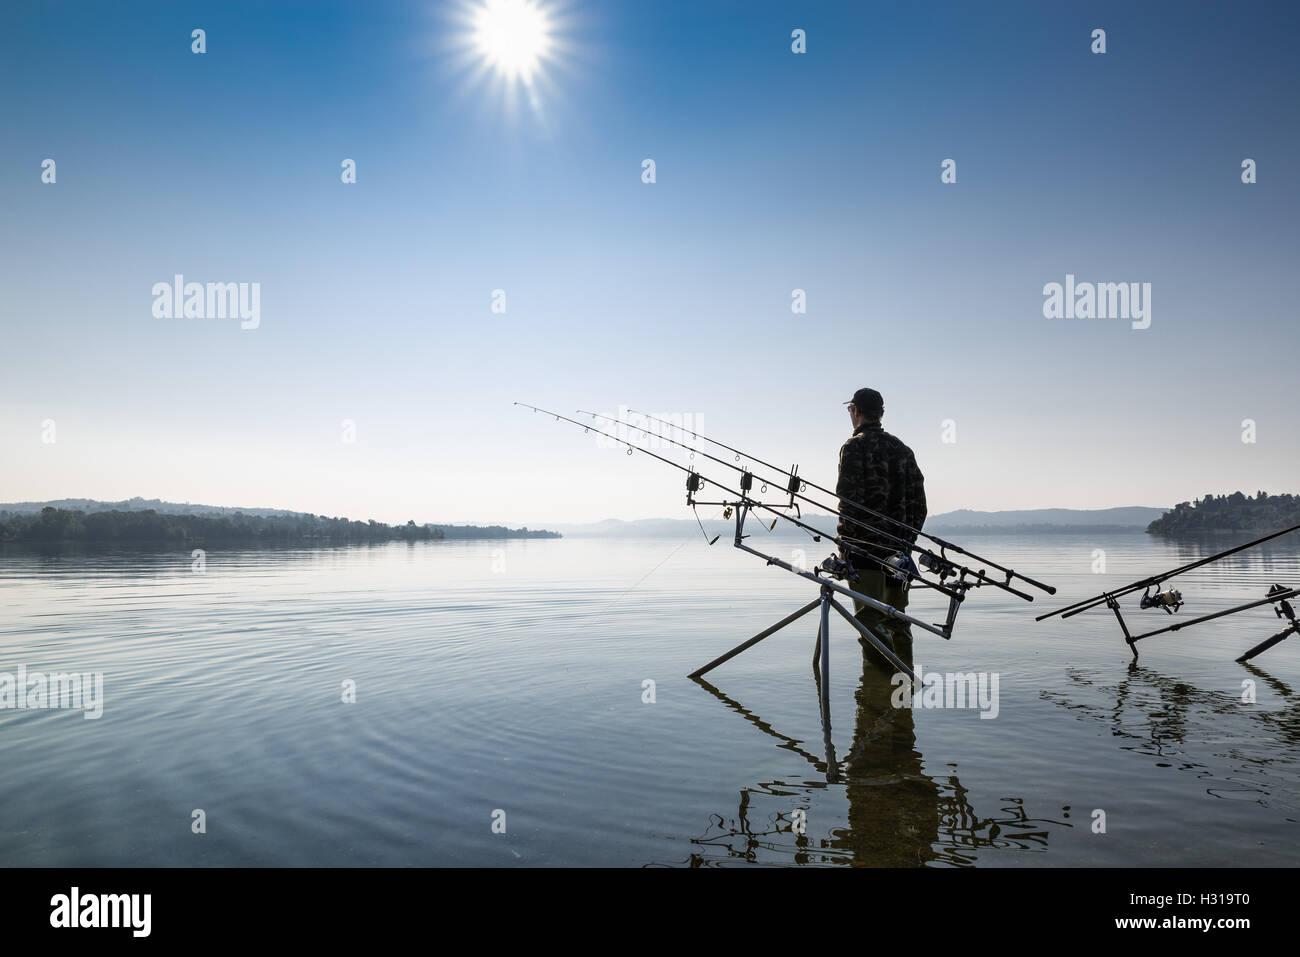 Le avventure di pesca. Fisherman vicino al carpfishing attrezzatura Immagini Stock